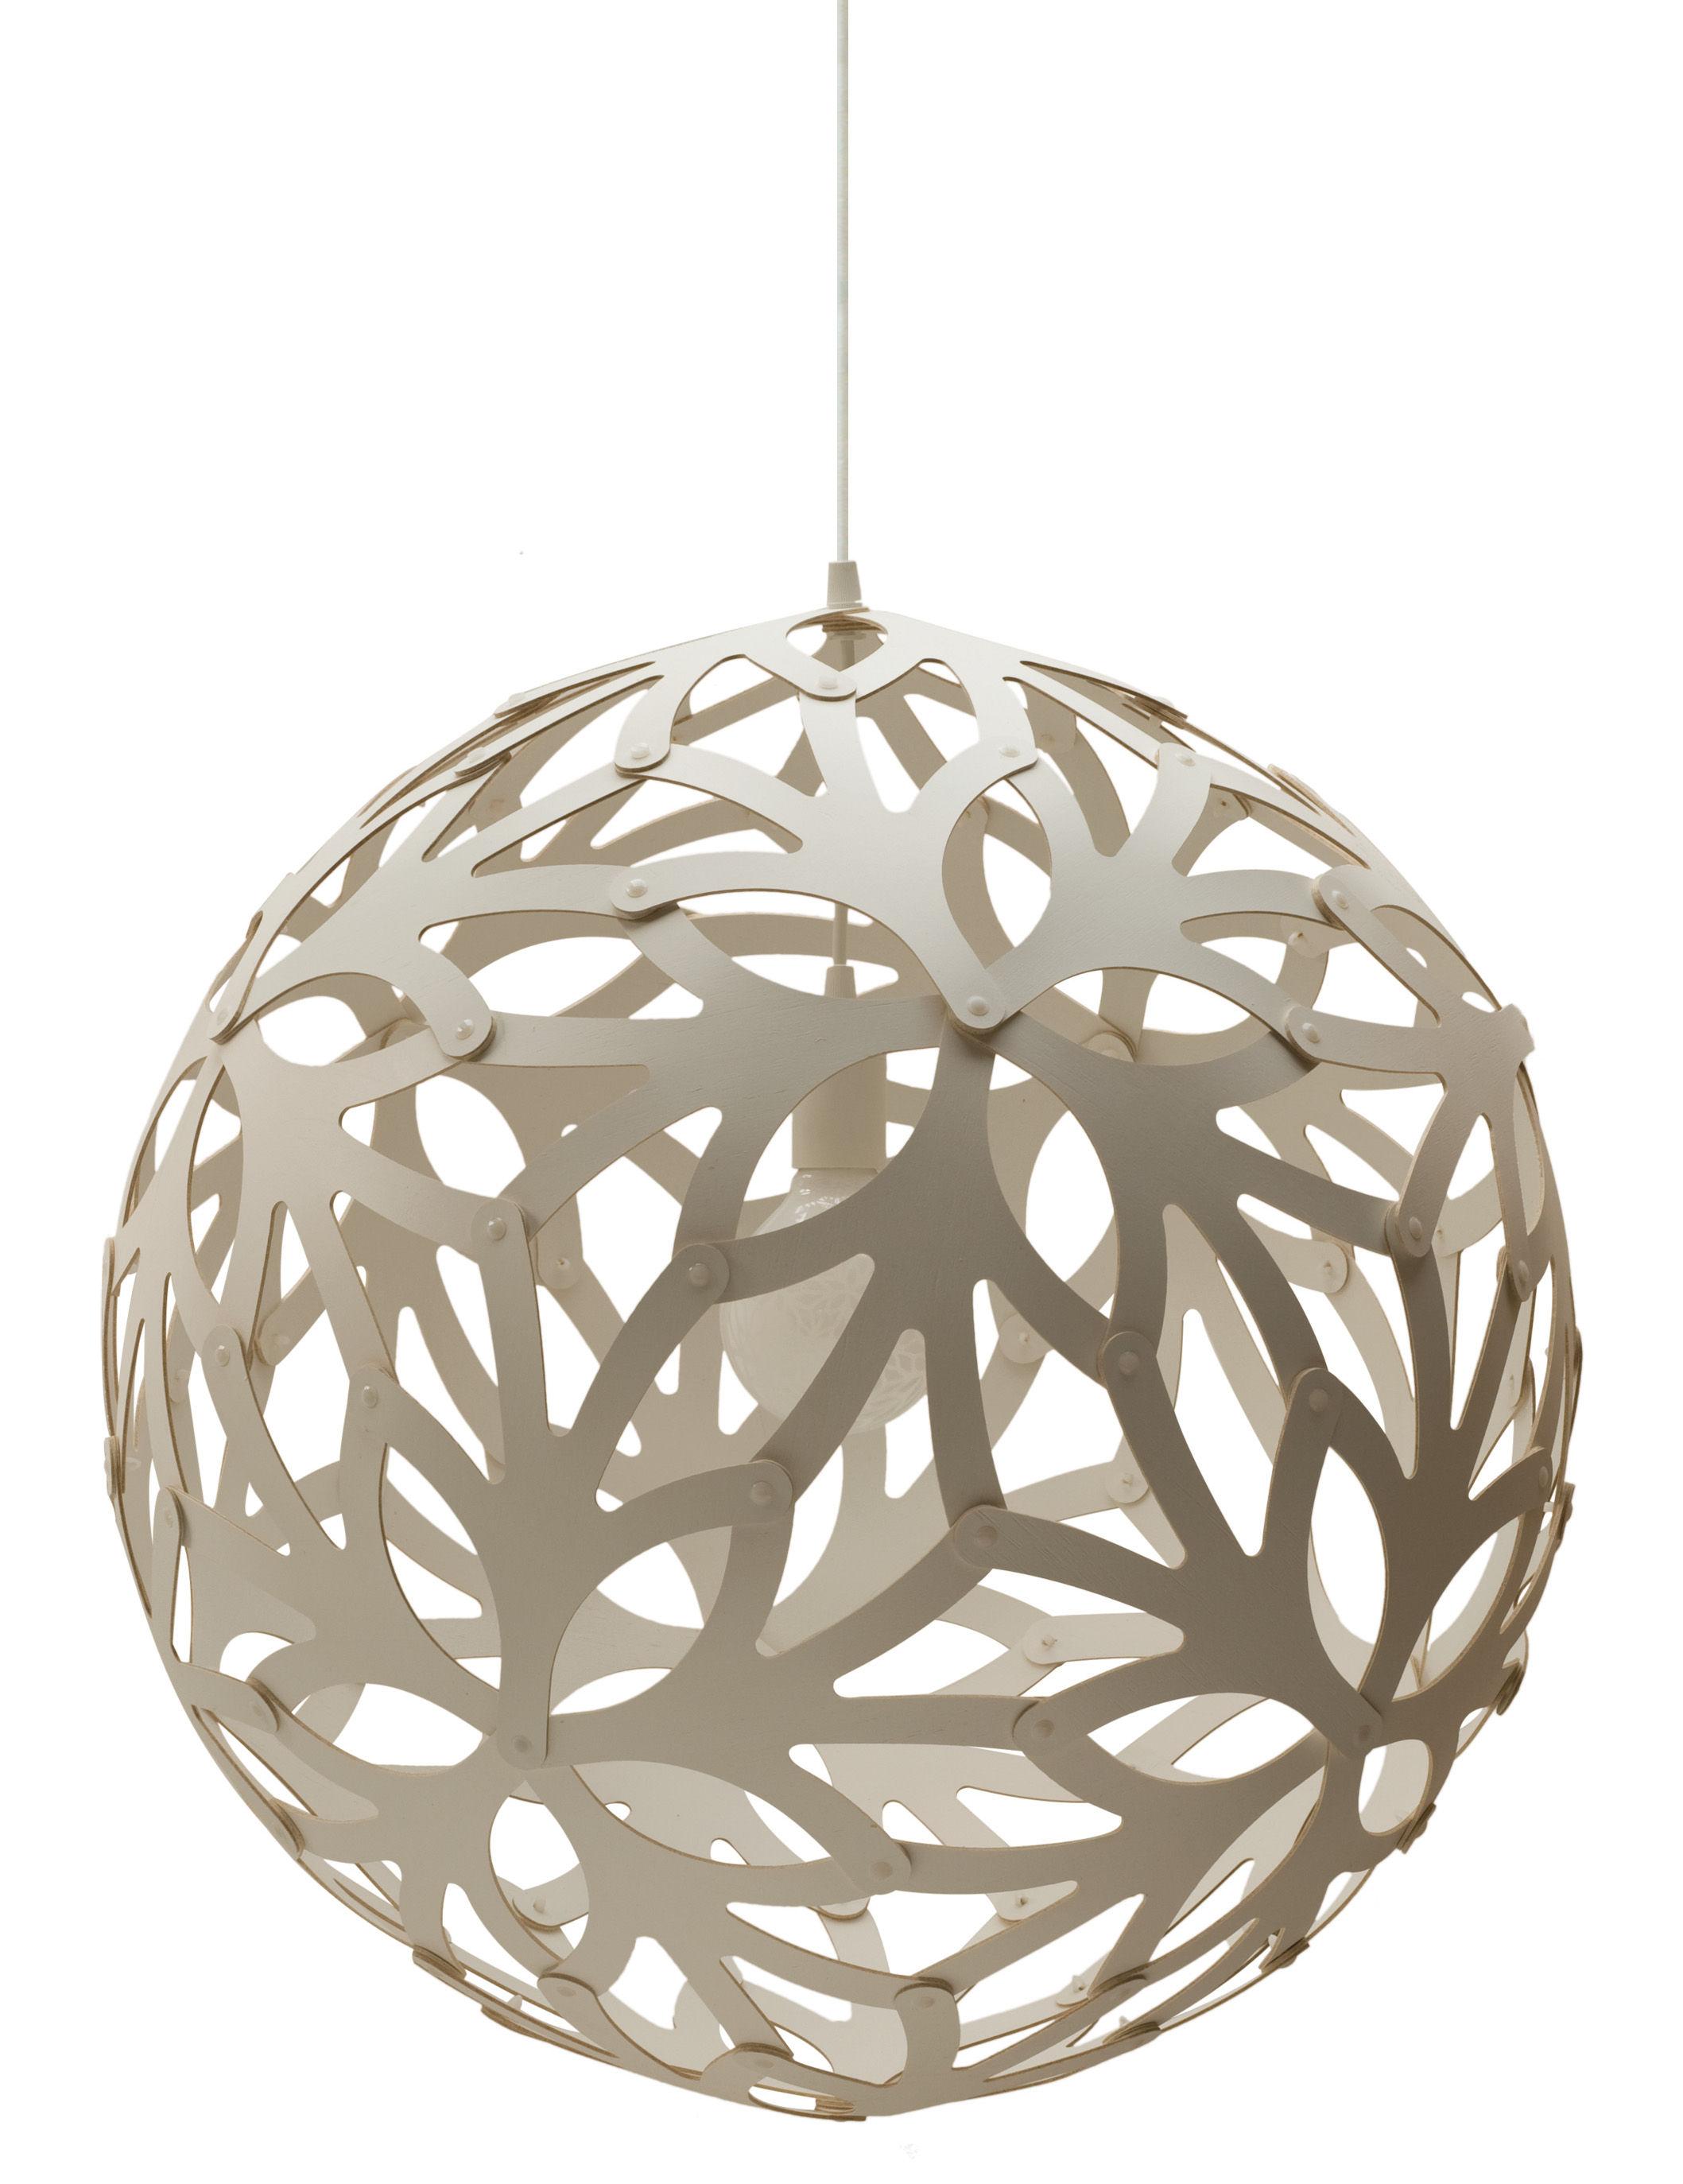 Leuchten - Pendelleuchten - Floral Pendelleuchte Ø 60 cm - Weiß - Exklusiv - David Trubridge - Weiß - Kiefer